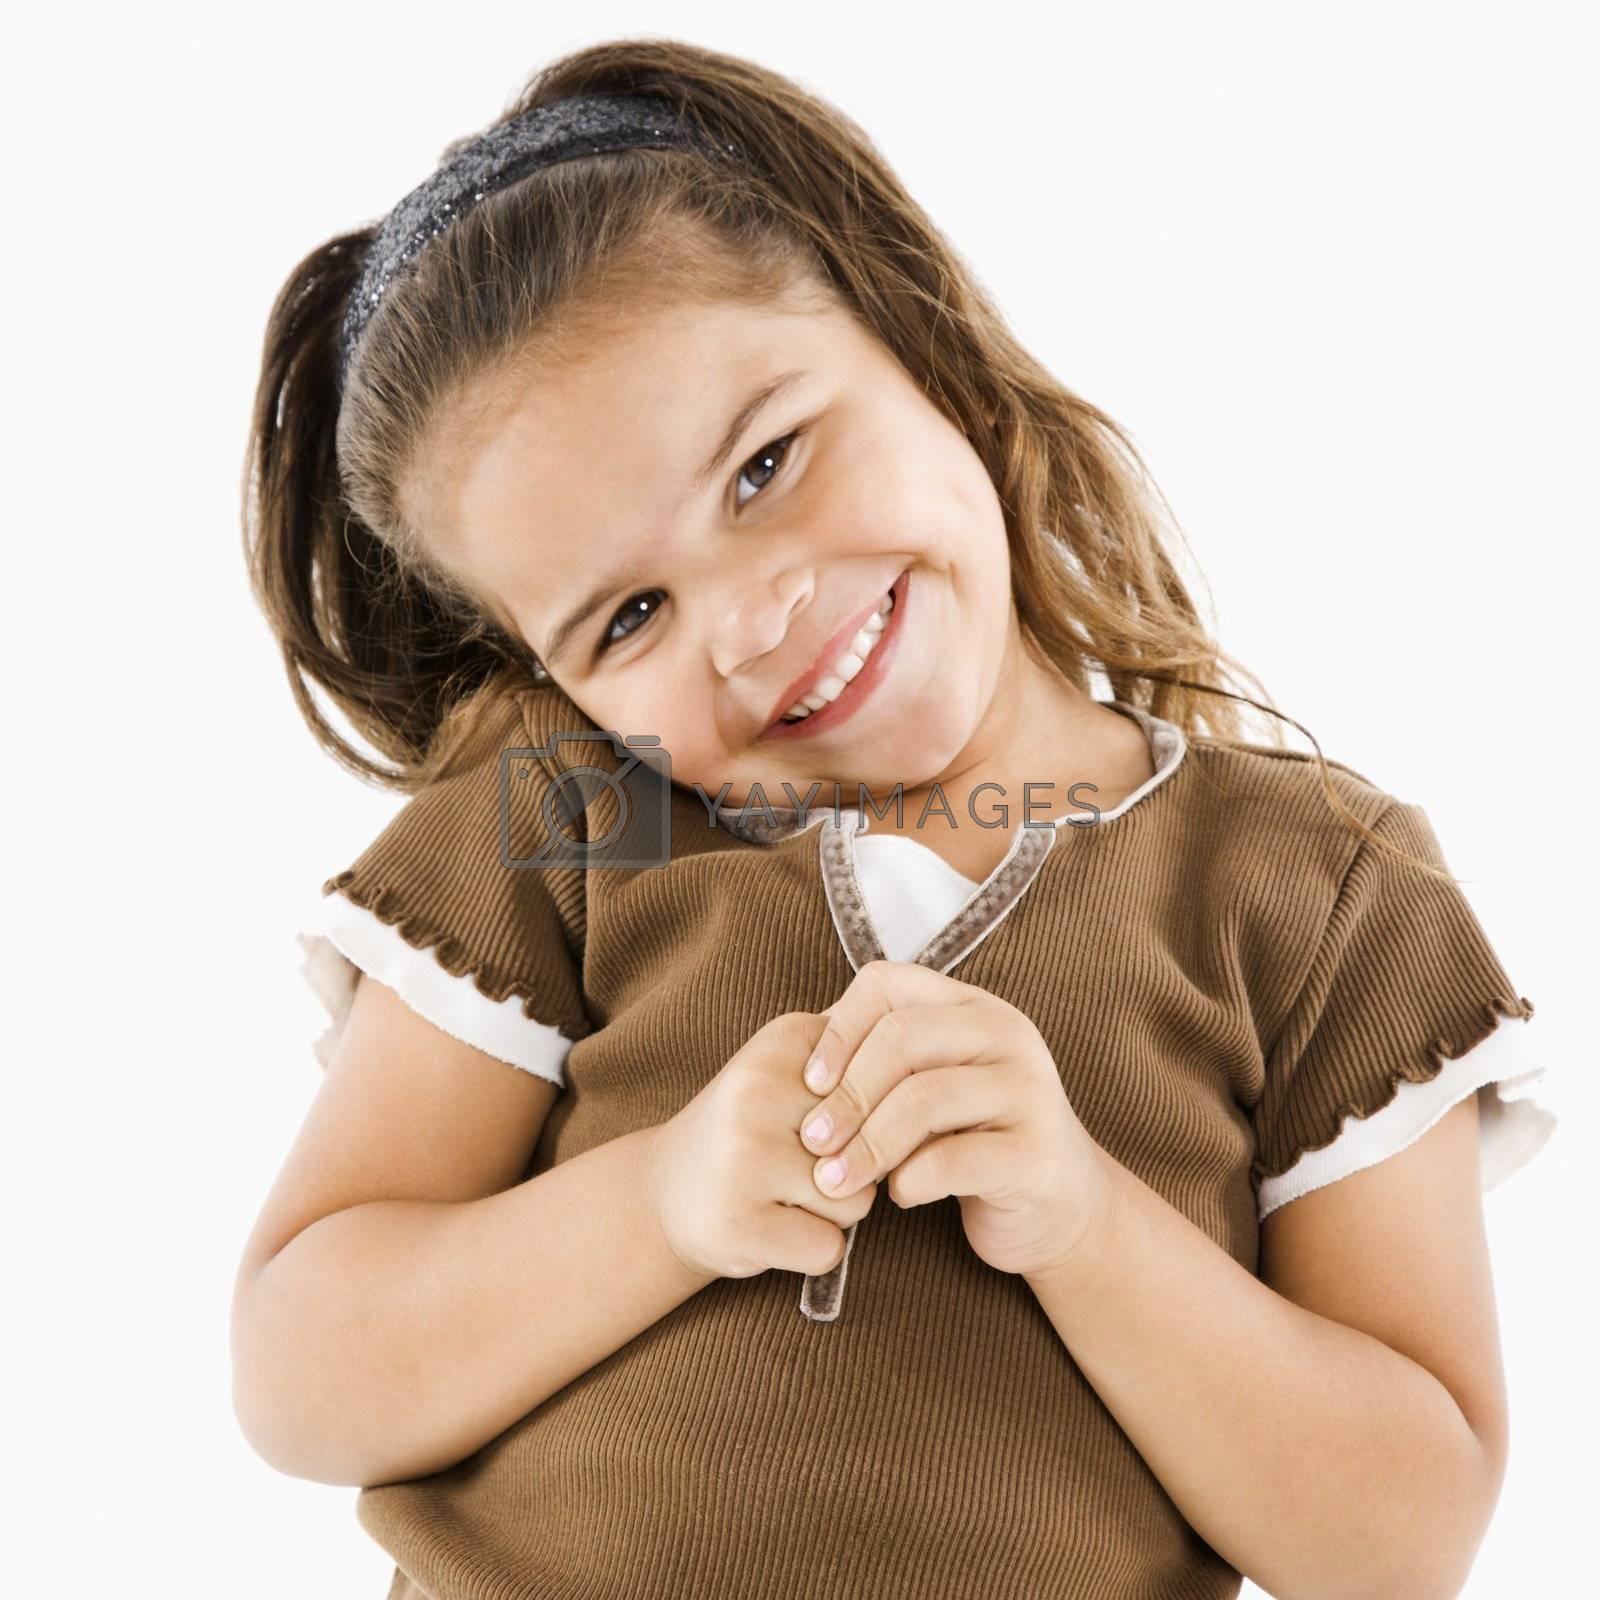 Little smiling hispanic girl. by iofoto